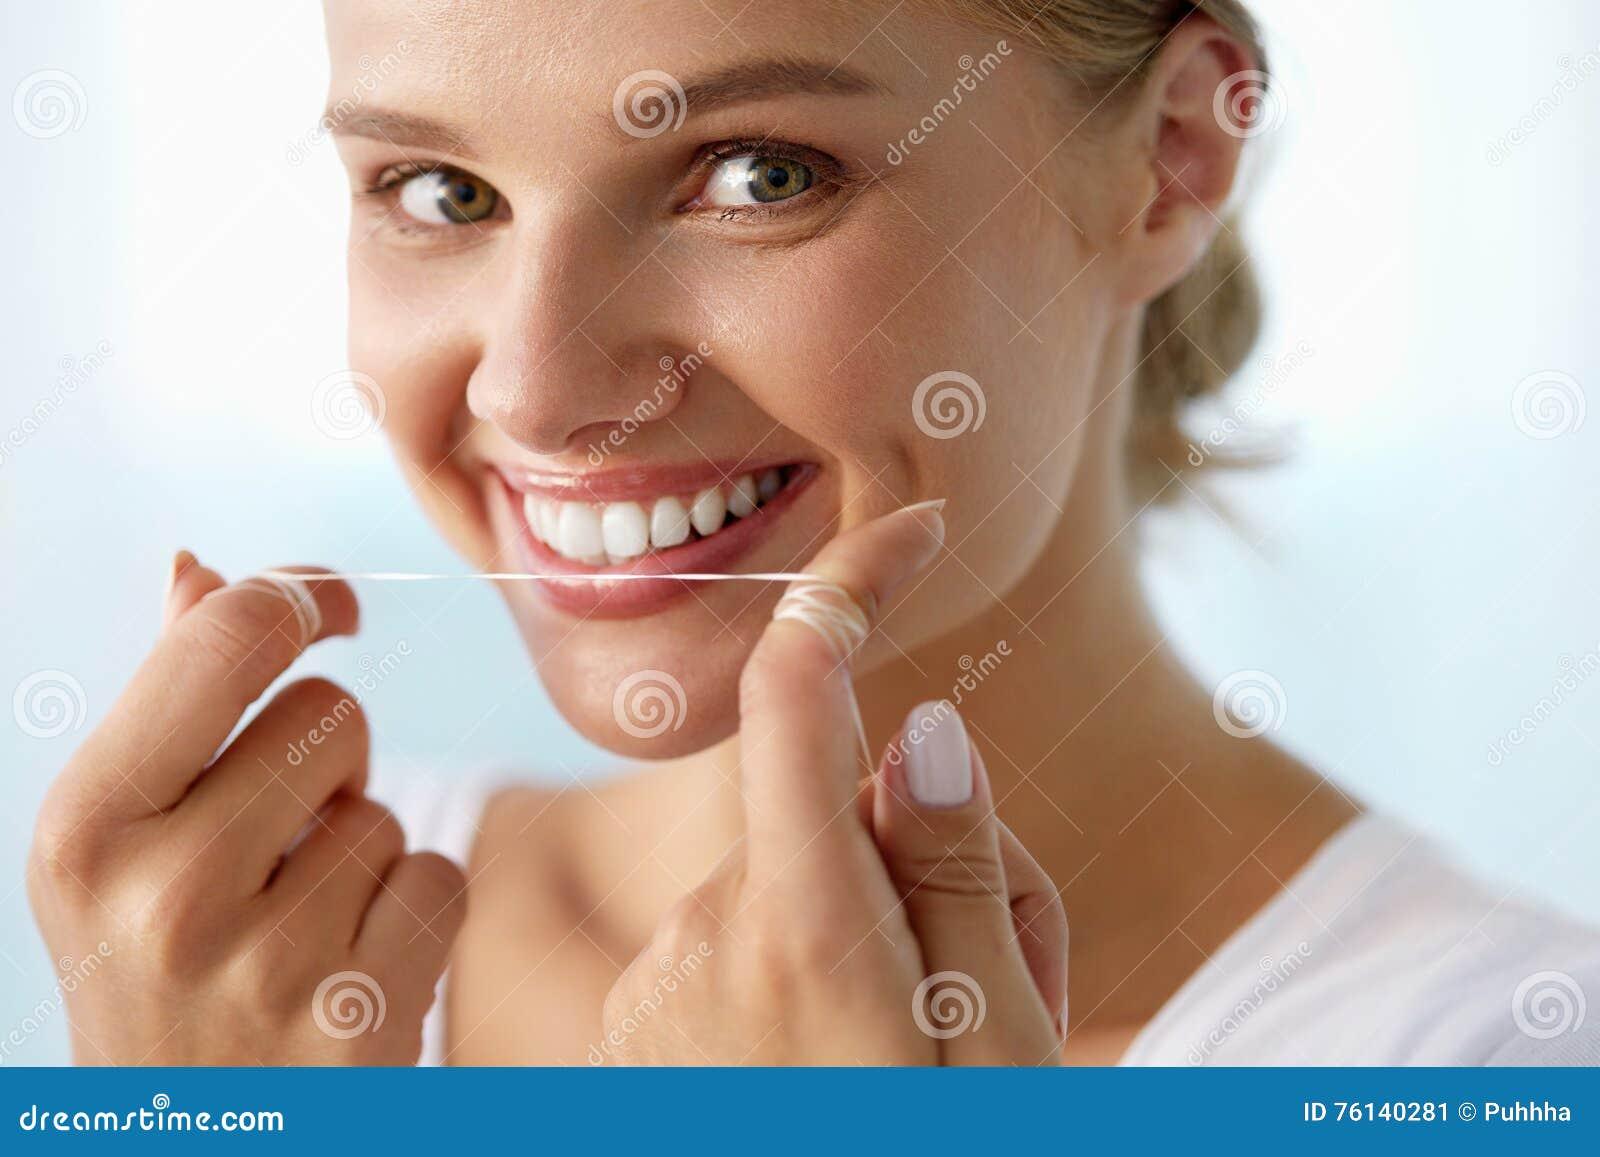 e94d510d6 Cuidado dental Retrato do close up da jovem mulher de sorriso feliz bonita  com limpeza perfeita do sorriso